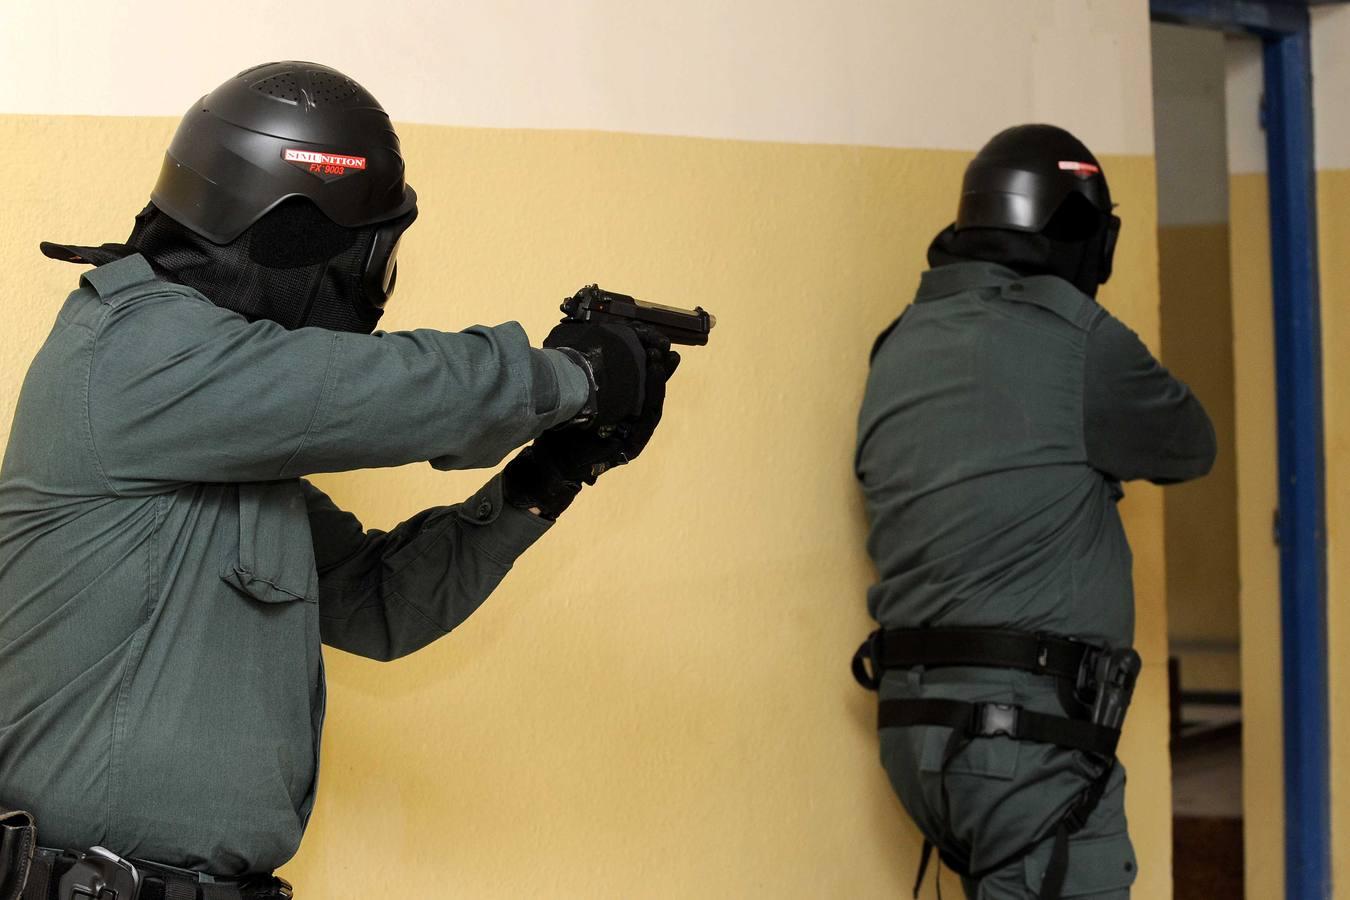 Efectivos de los cuerpos de seguridad realizan prácticas de intervención en inmuebles